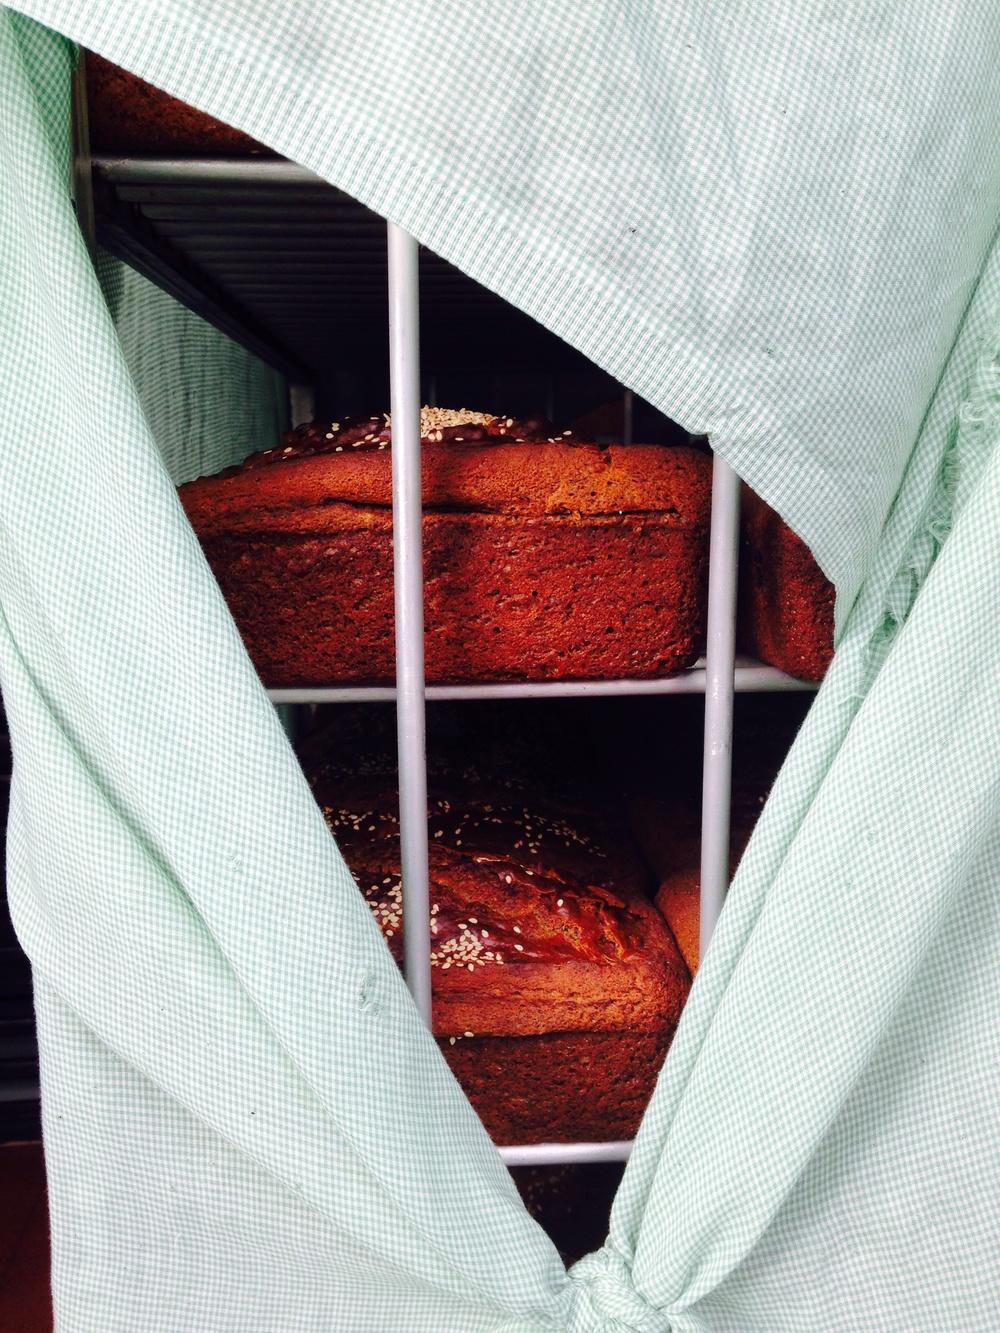 fresh baked banana bread in a bakers door.